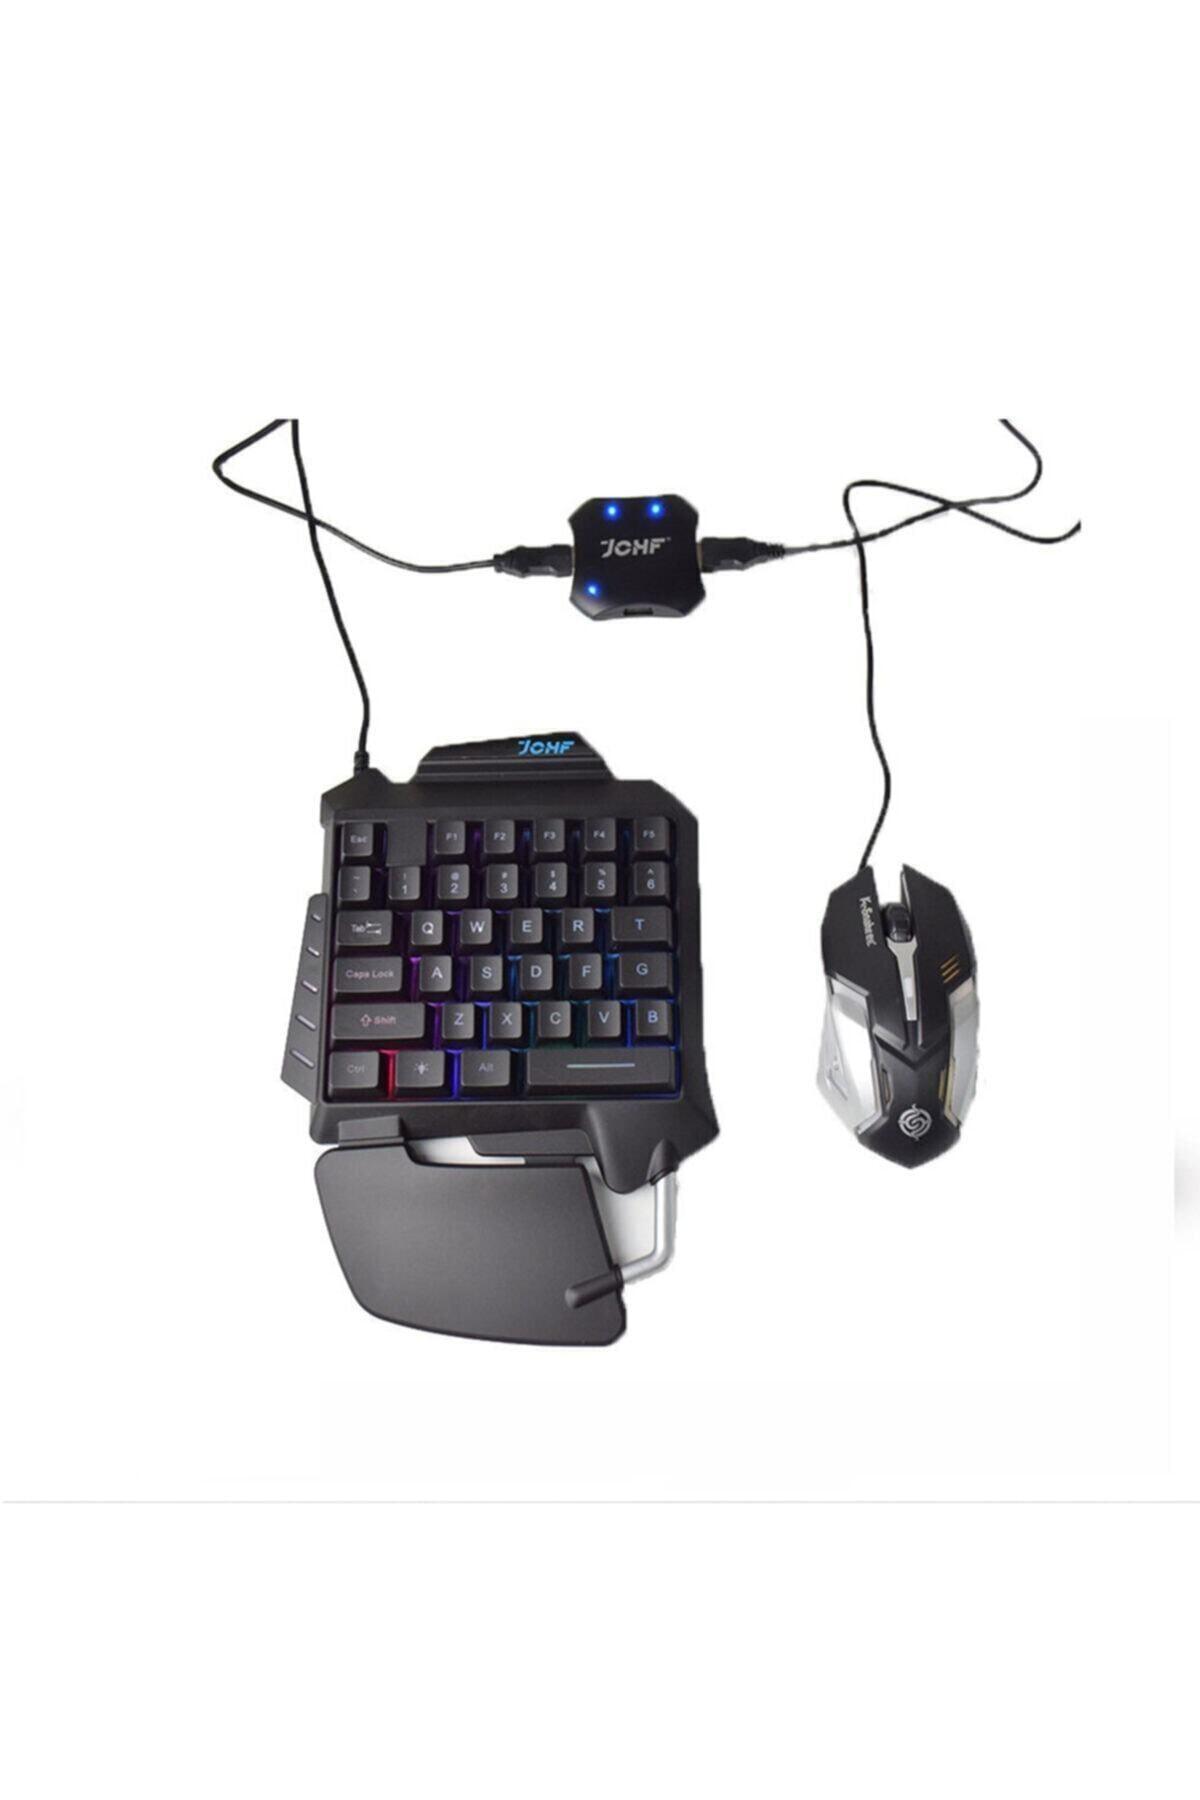 Kılıfsiparis Pubg Klavye Jchf-68 3 In 1 Klavye Mouse Bağlantılı Mobil Oyun Seti 1